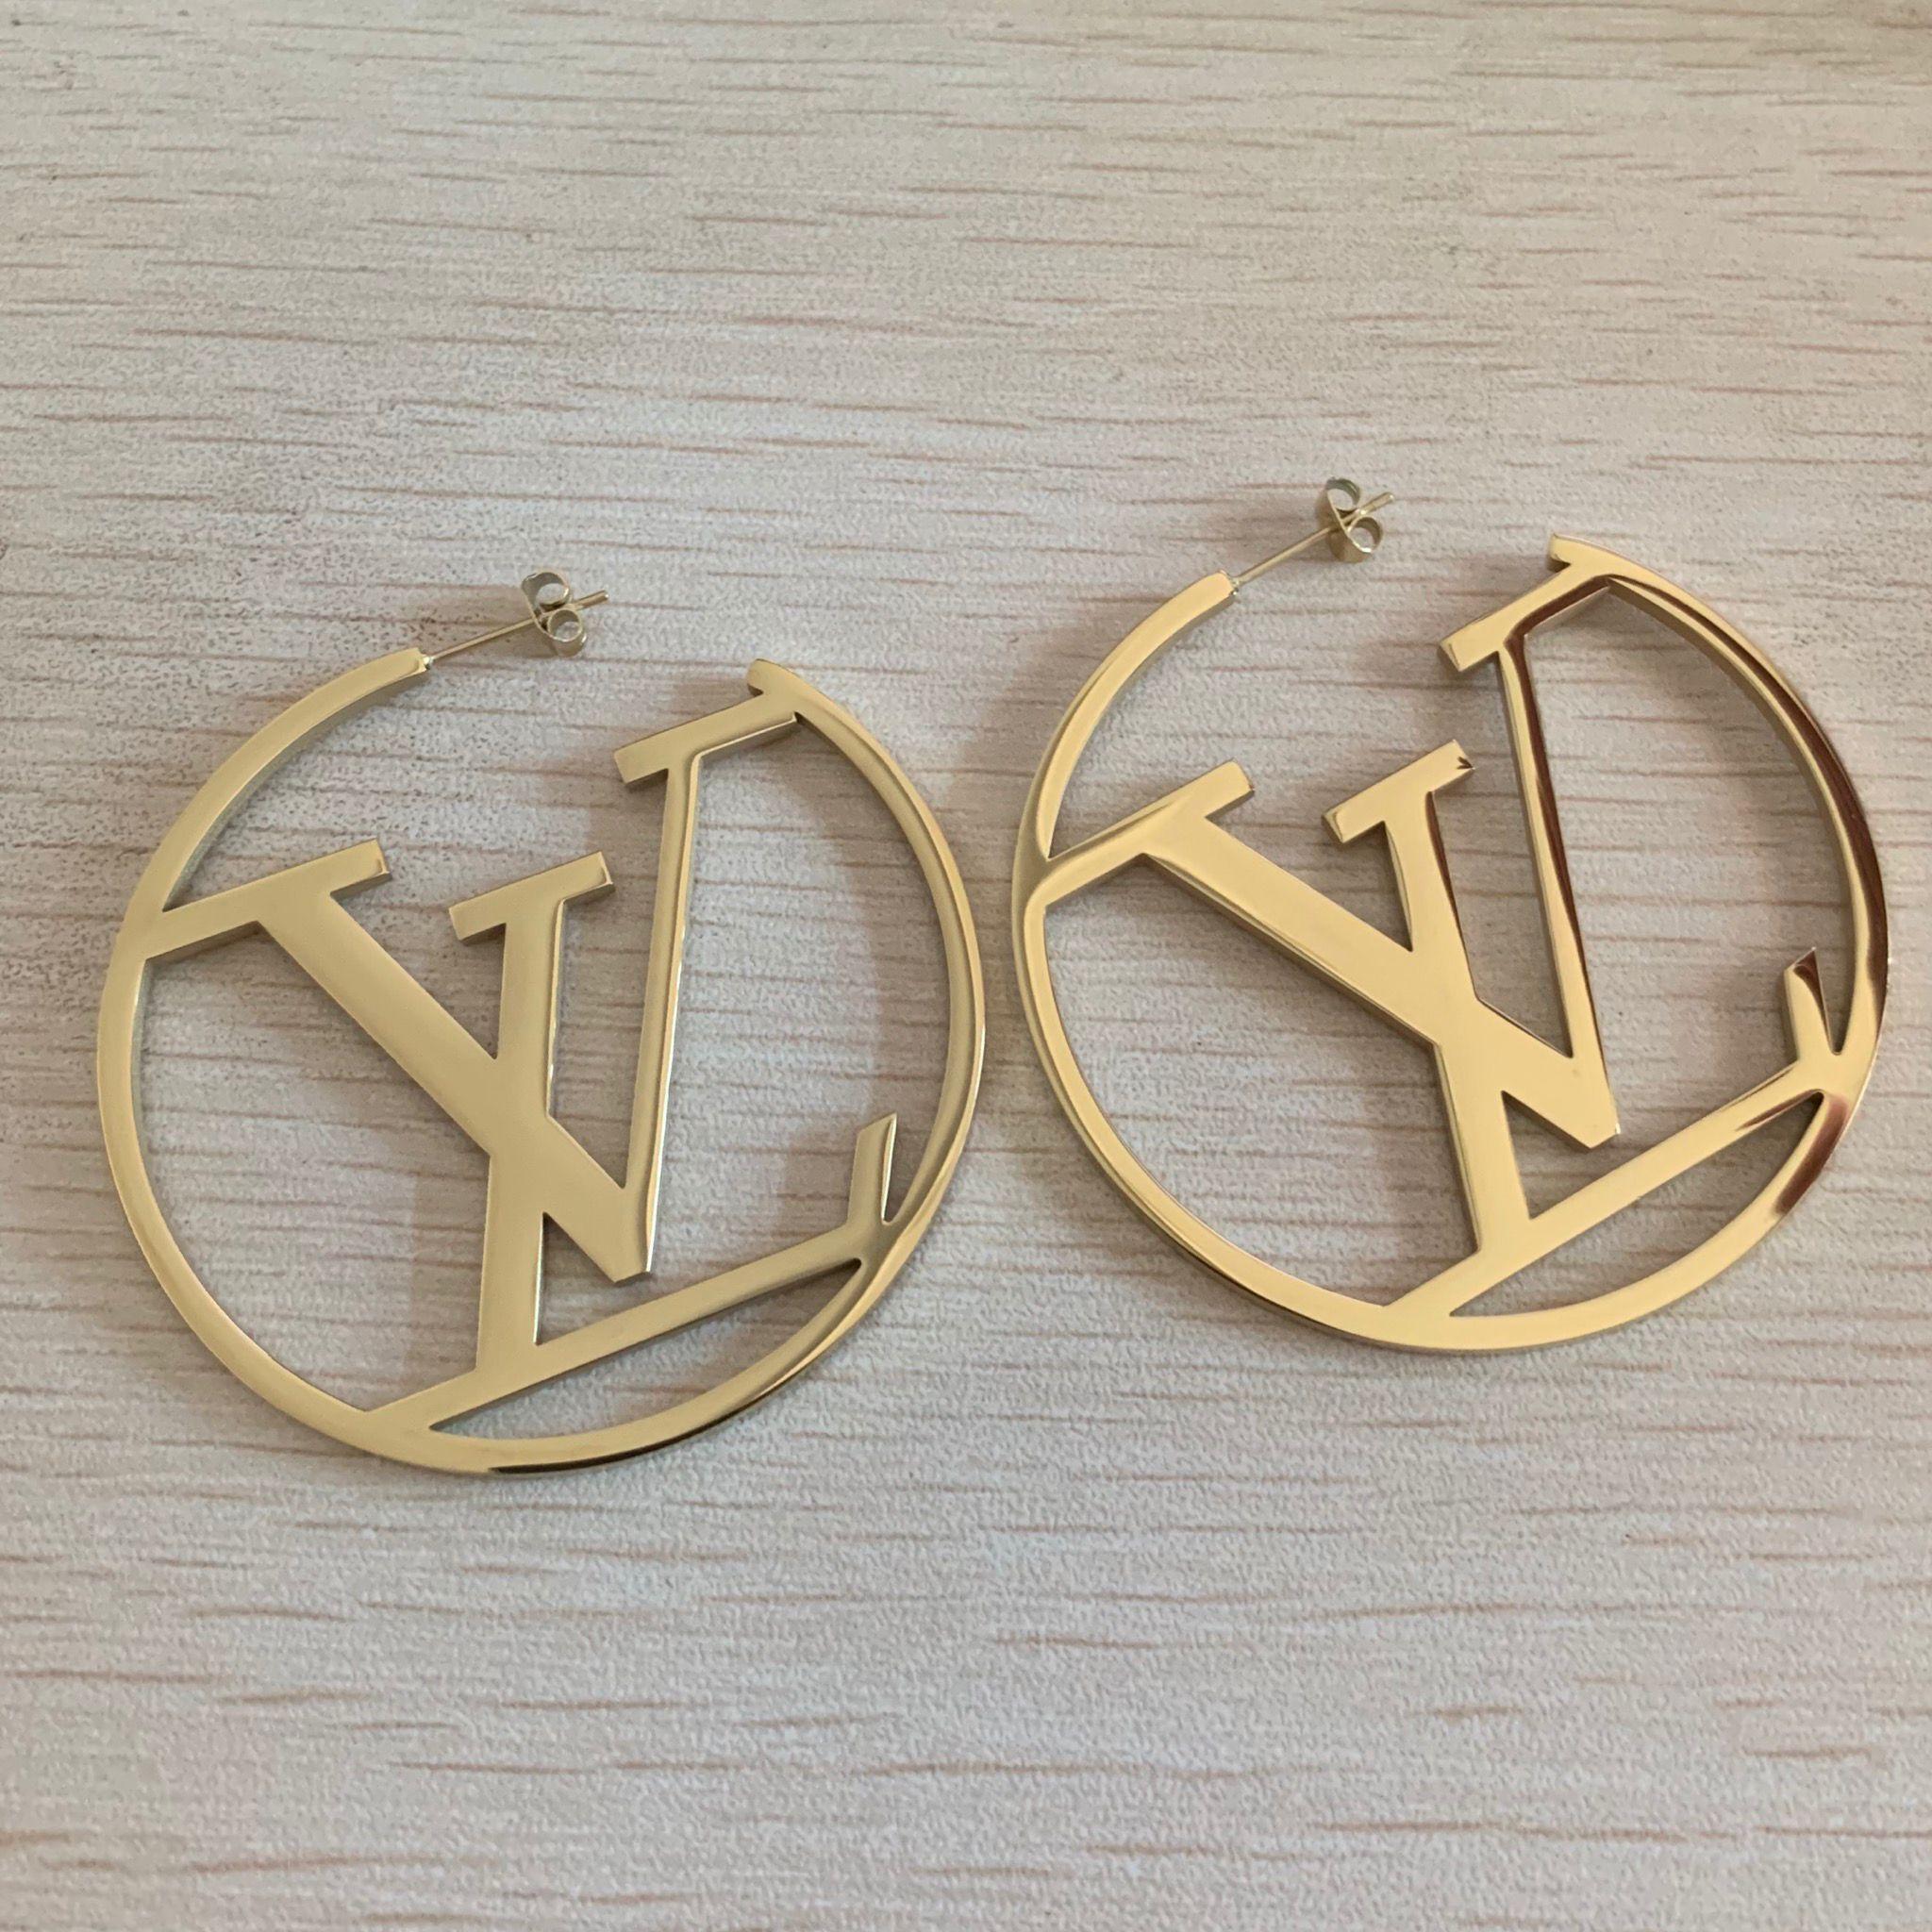 2020 عصري نمط مجوهرات أعلى جودة الفولاذ المقاوم للصدأ روز الذهب والفضة مطلي أقراط للحزب النساء هدايا أسعار الجملة